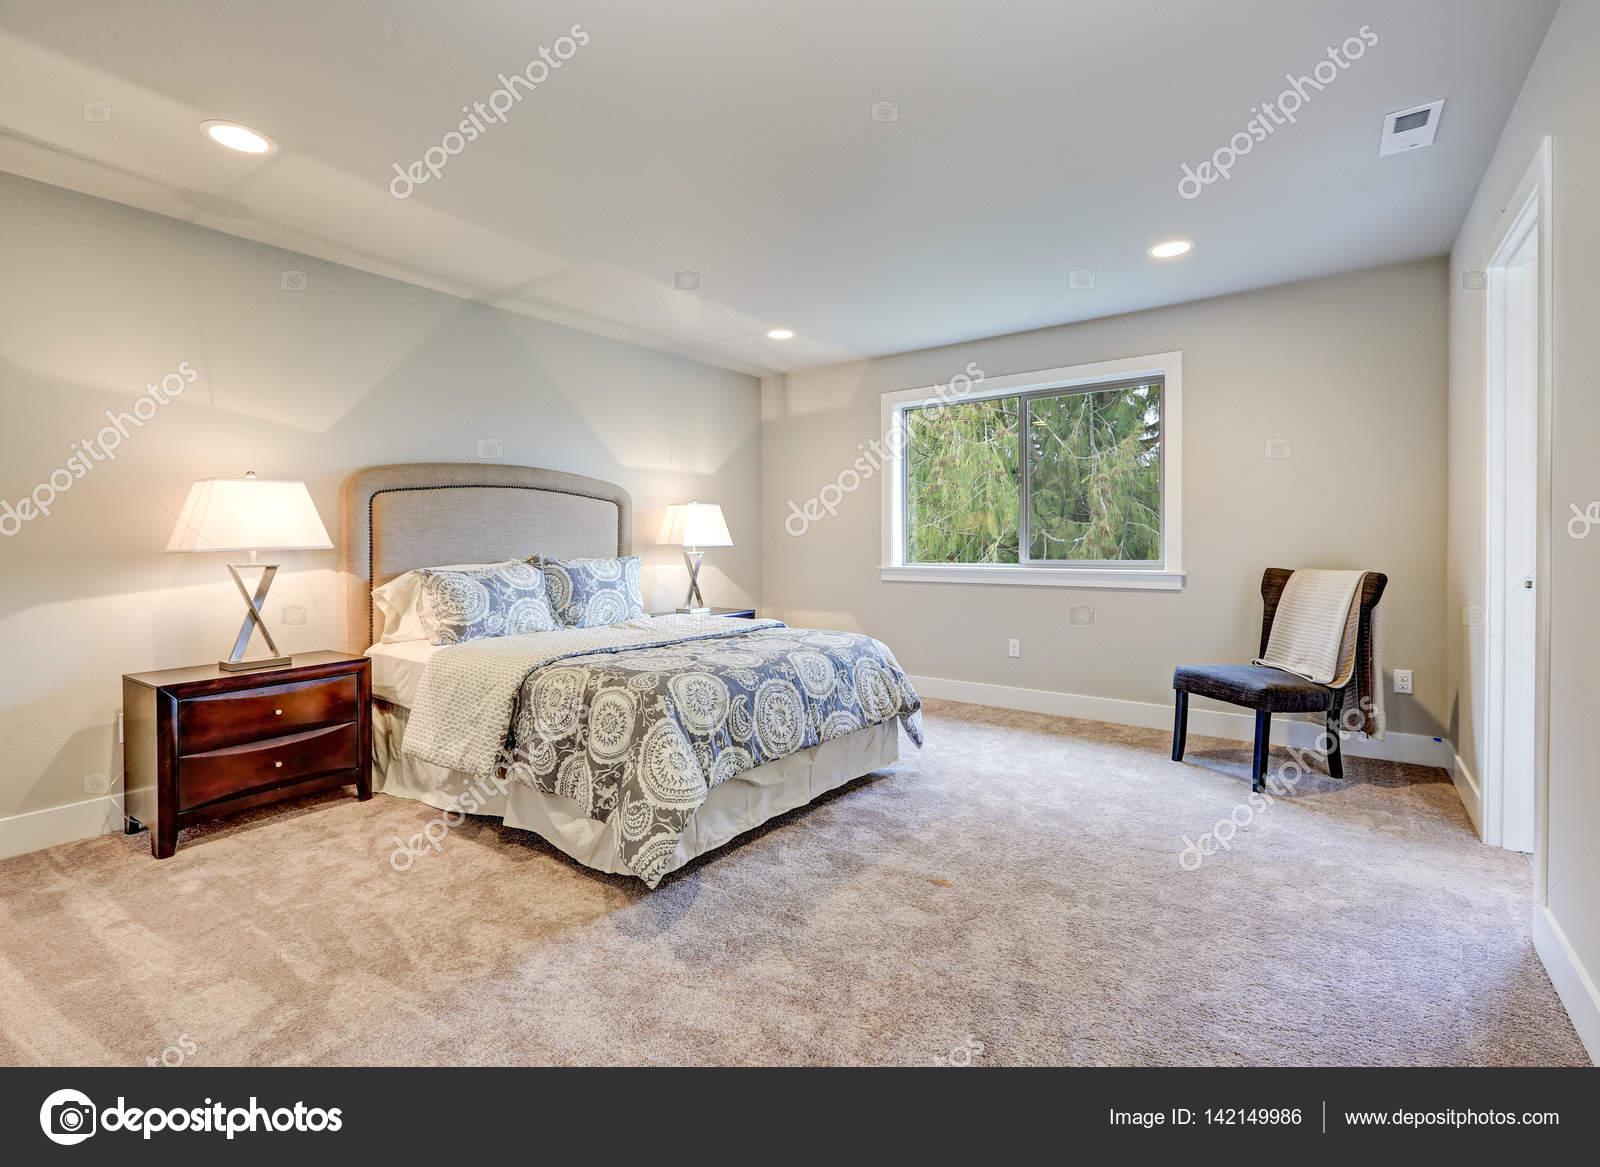 Elegante luce riempito camera padronale con letto queen size